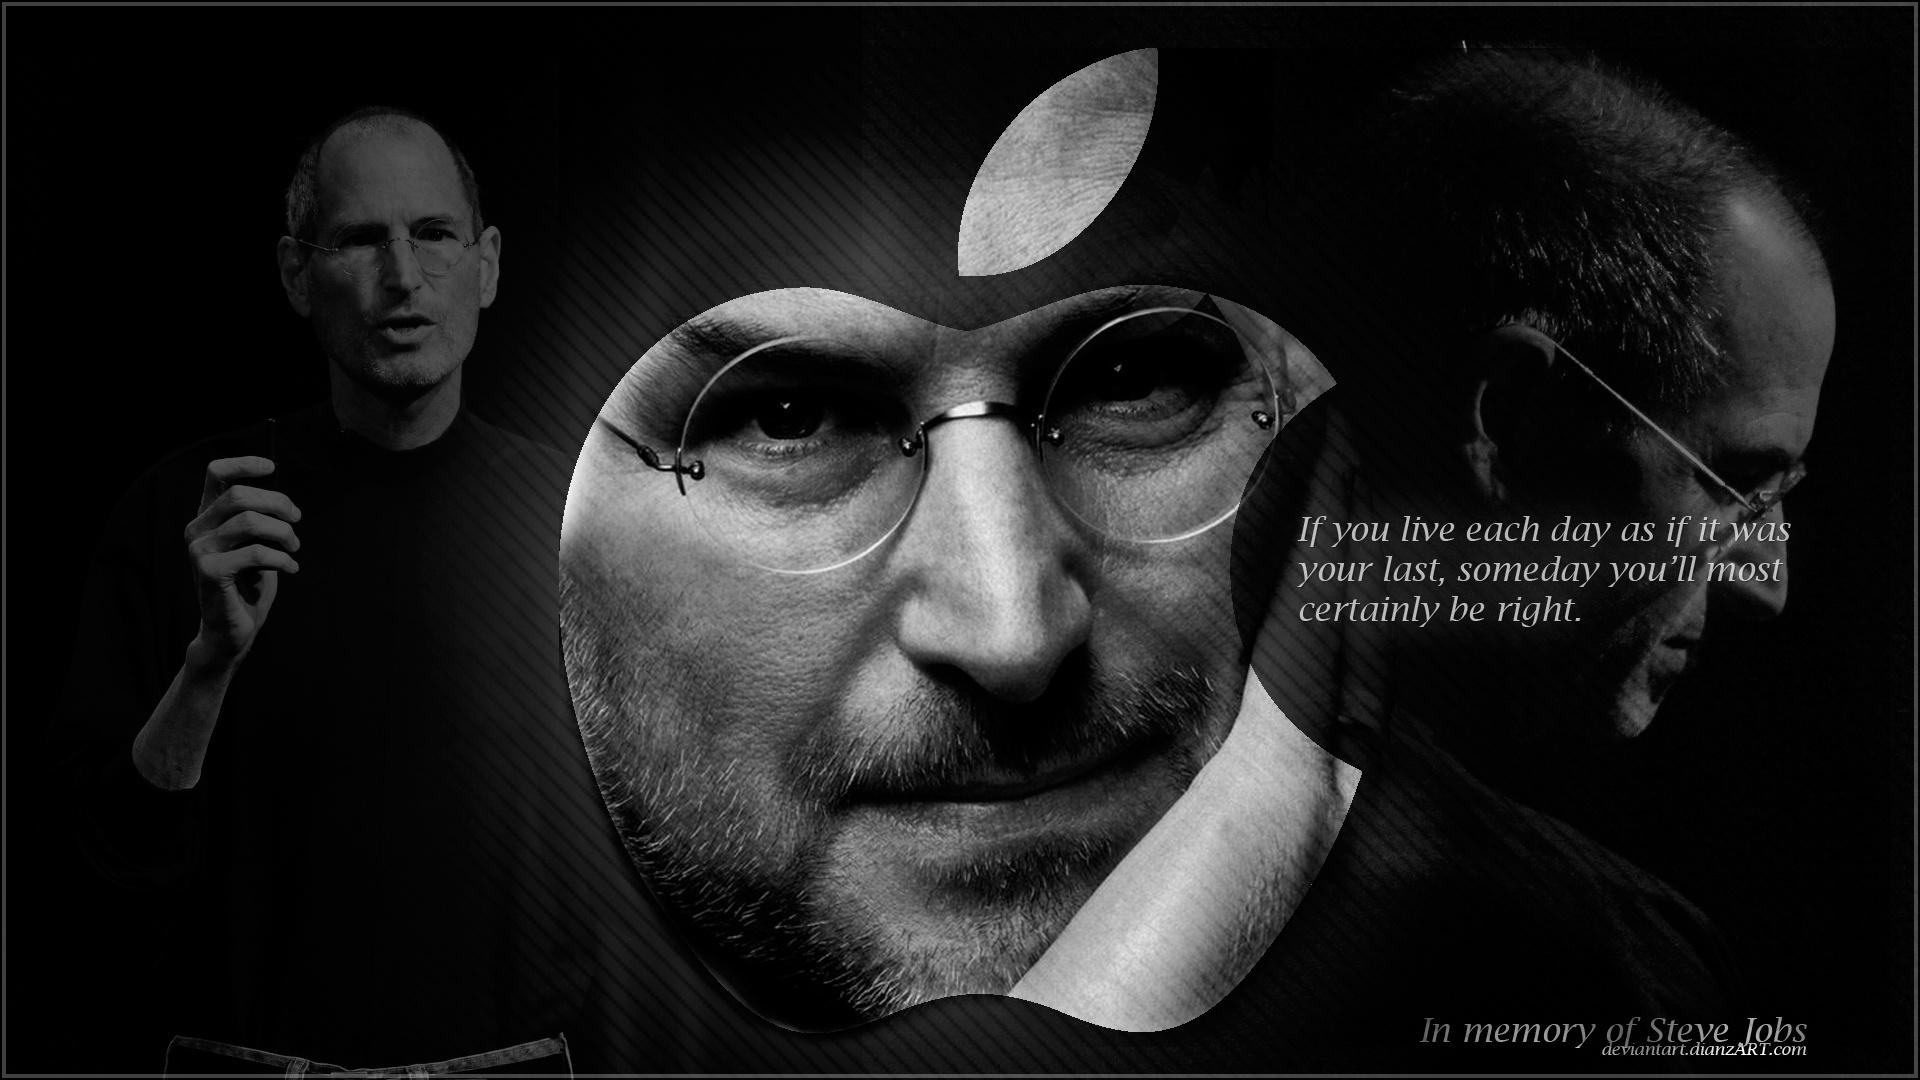 Steve Jobs Quotes - HD Wallpaper